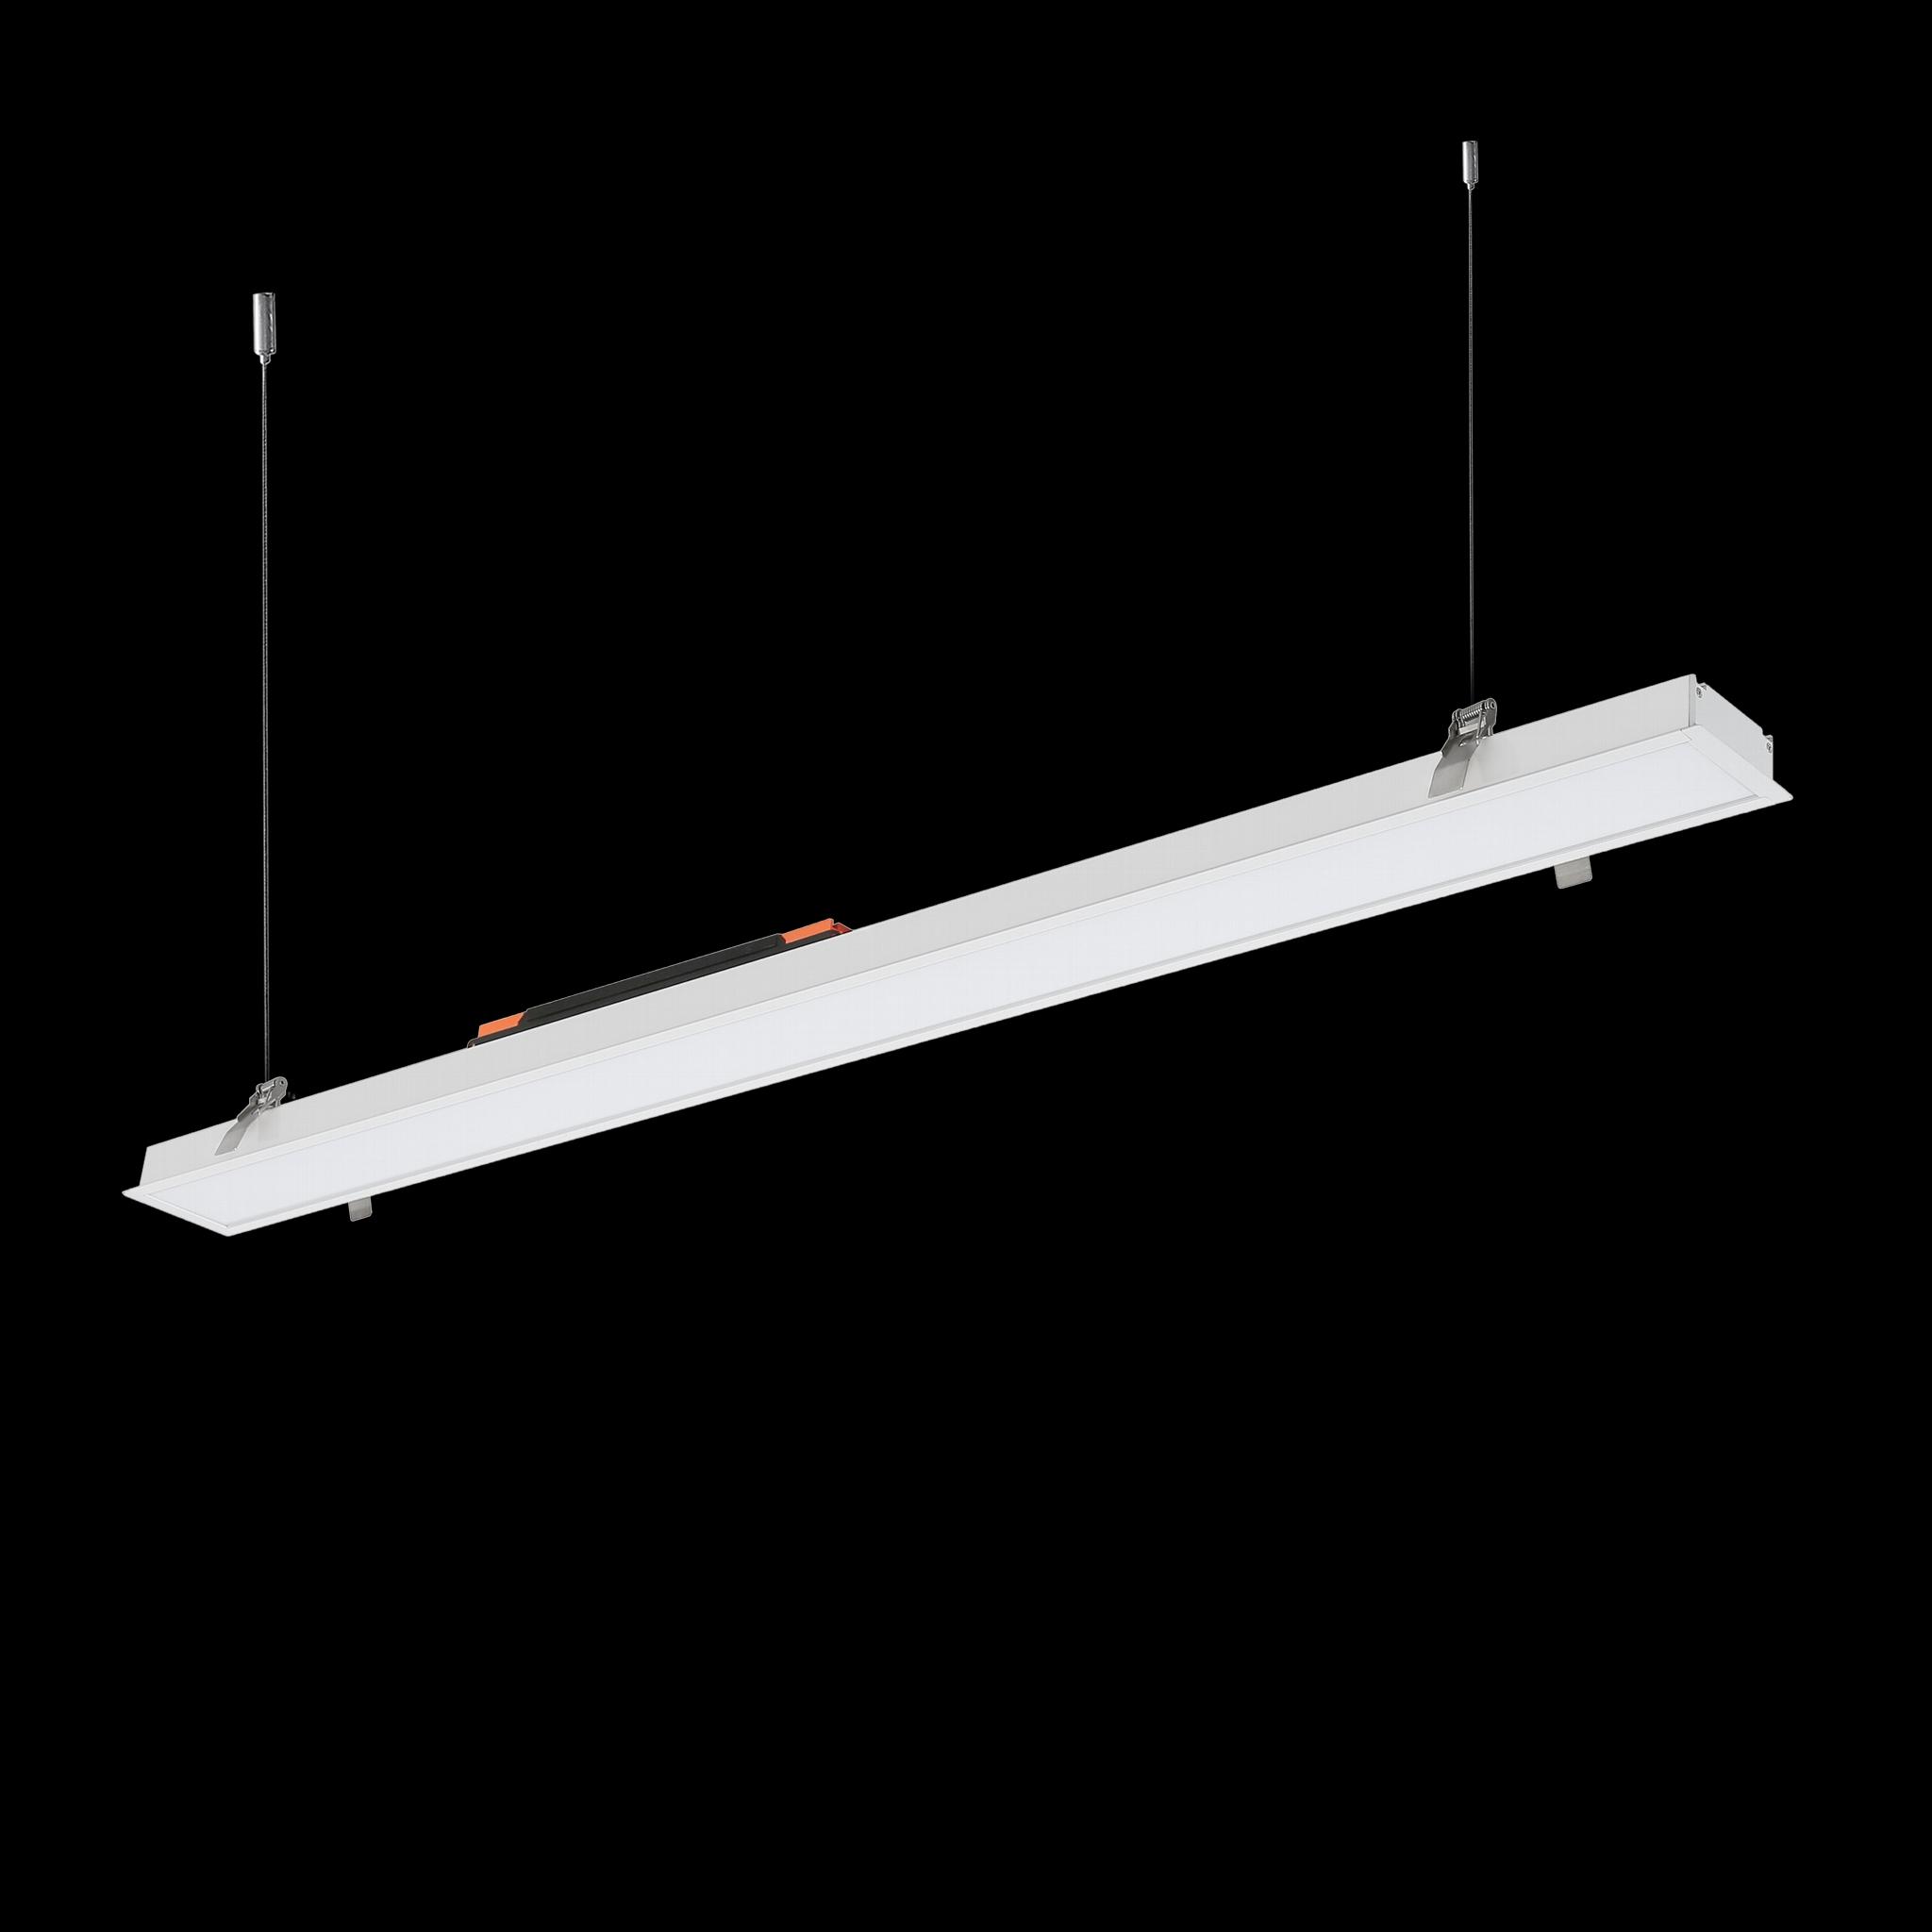 嵌入式線性燈 LE7035-PZ 5